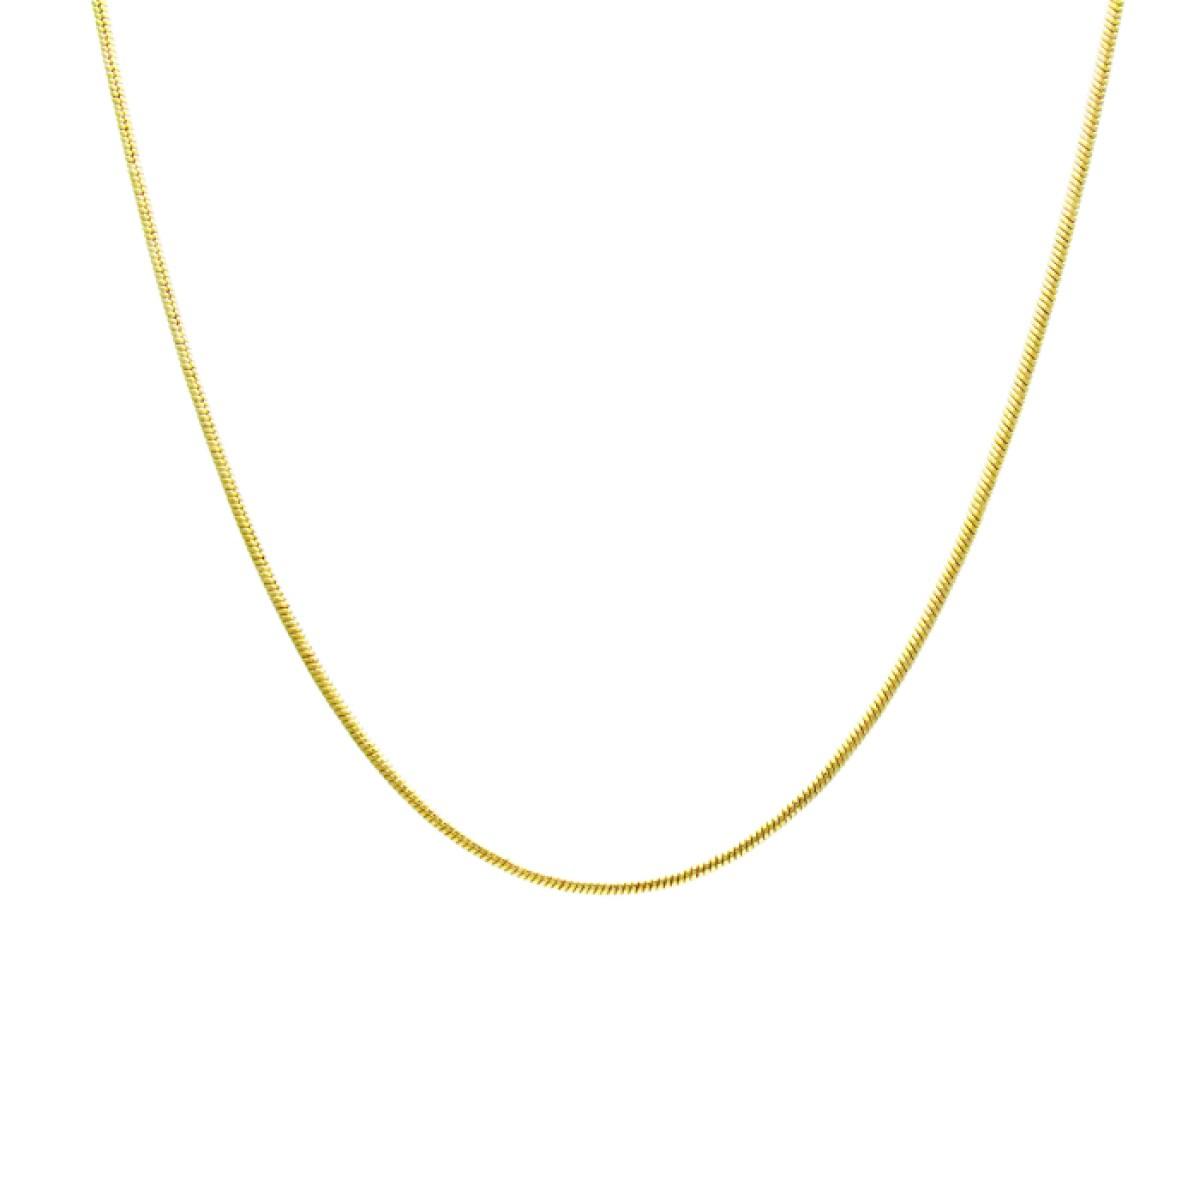 f928827e262e3 Corrente Feminina Rabo de Rato Lisa com 60cm Folheado a Ouro 18K - Lunozê  Joias